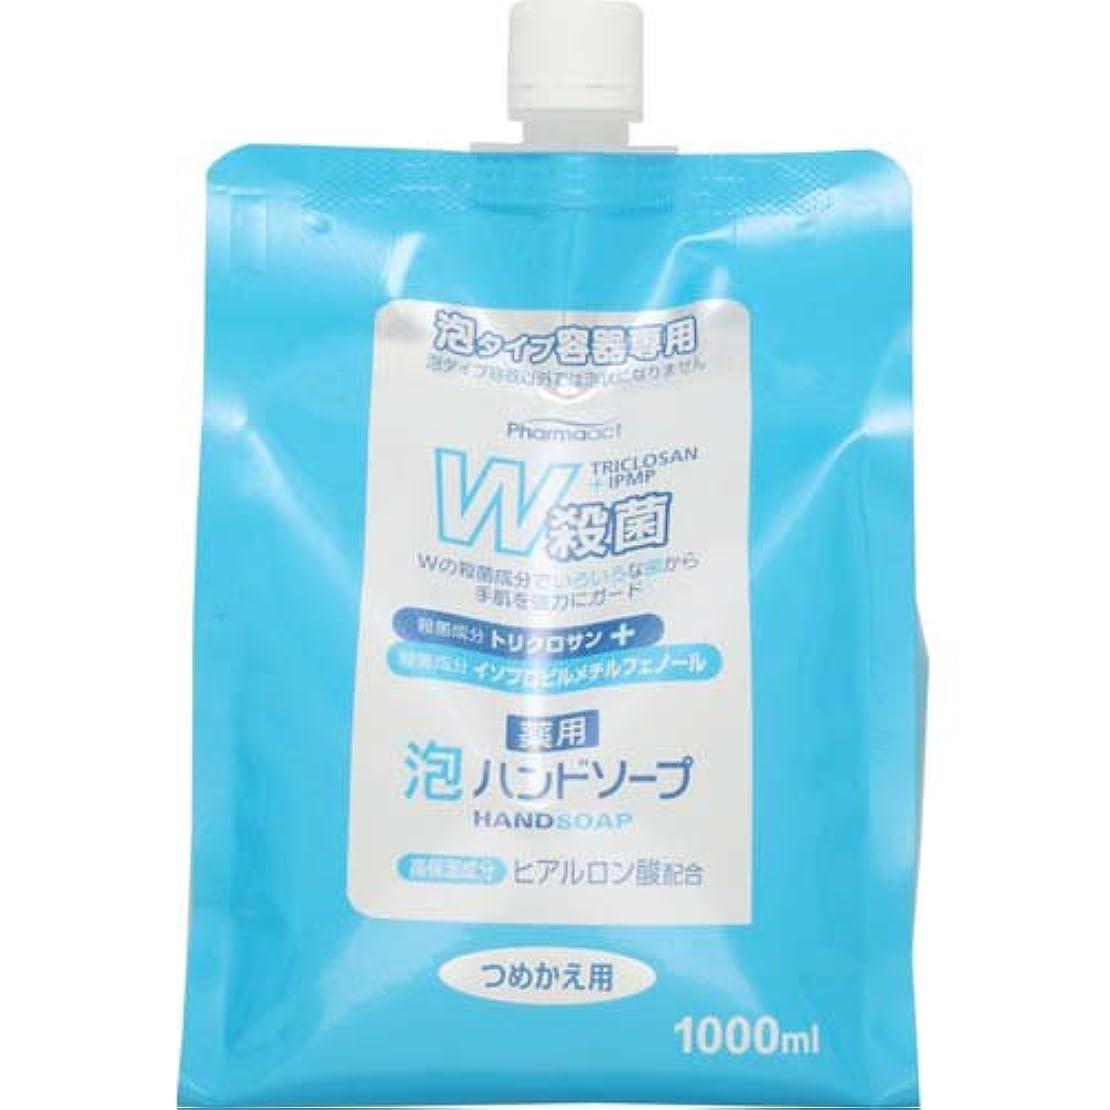 ホールドパイプライン綺麗なファーマアクト W殺菌薬用泡ハンドソープ スパウト付き詰替 1000ml